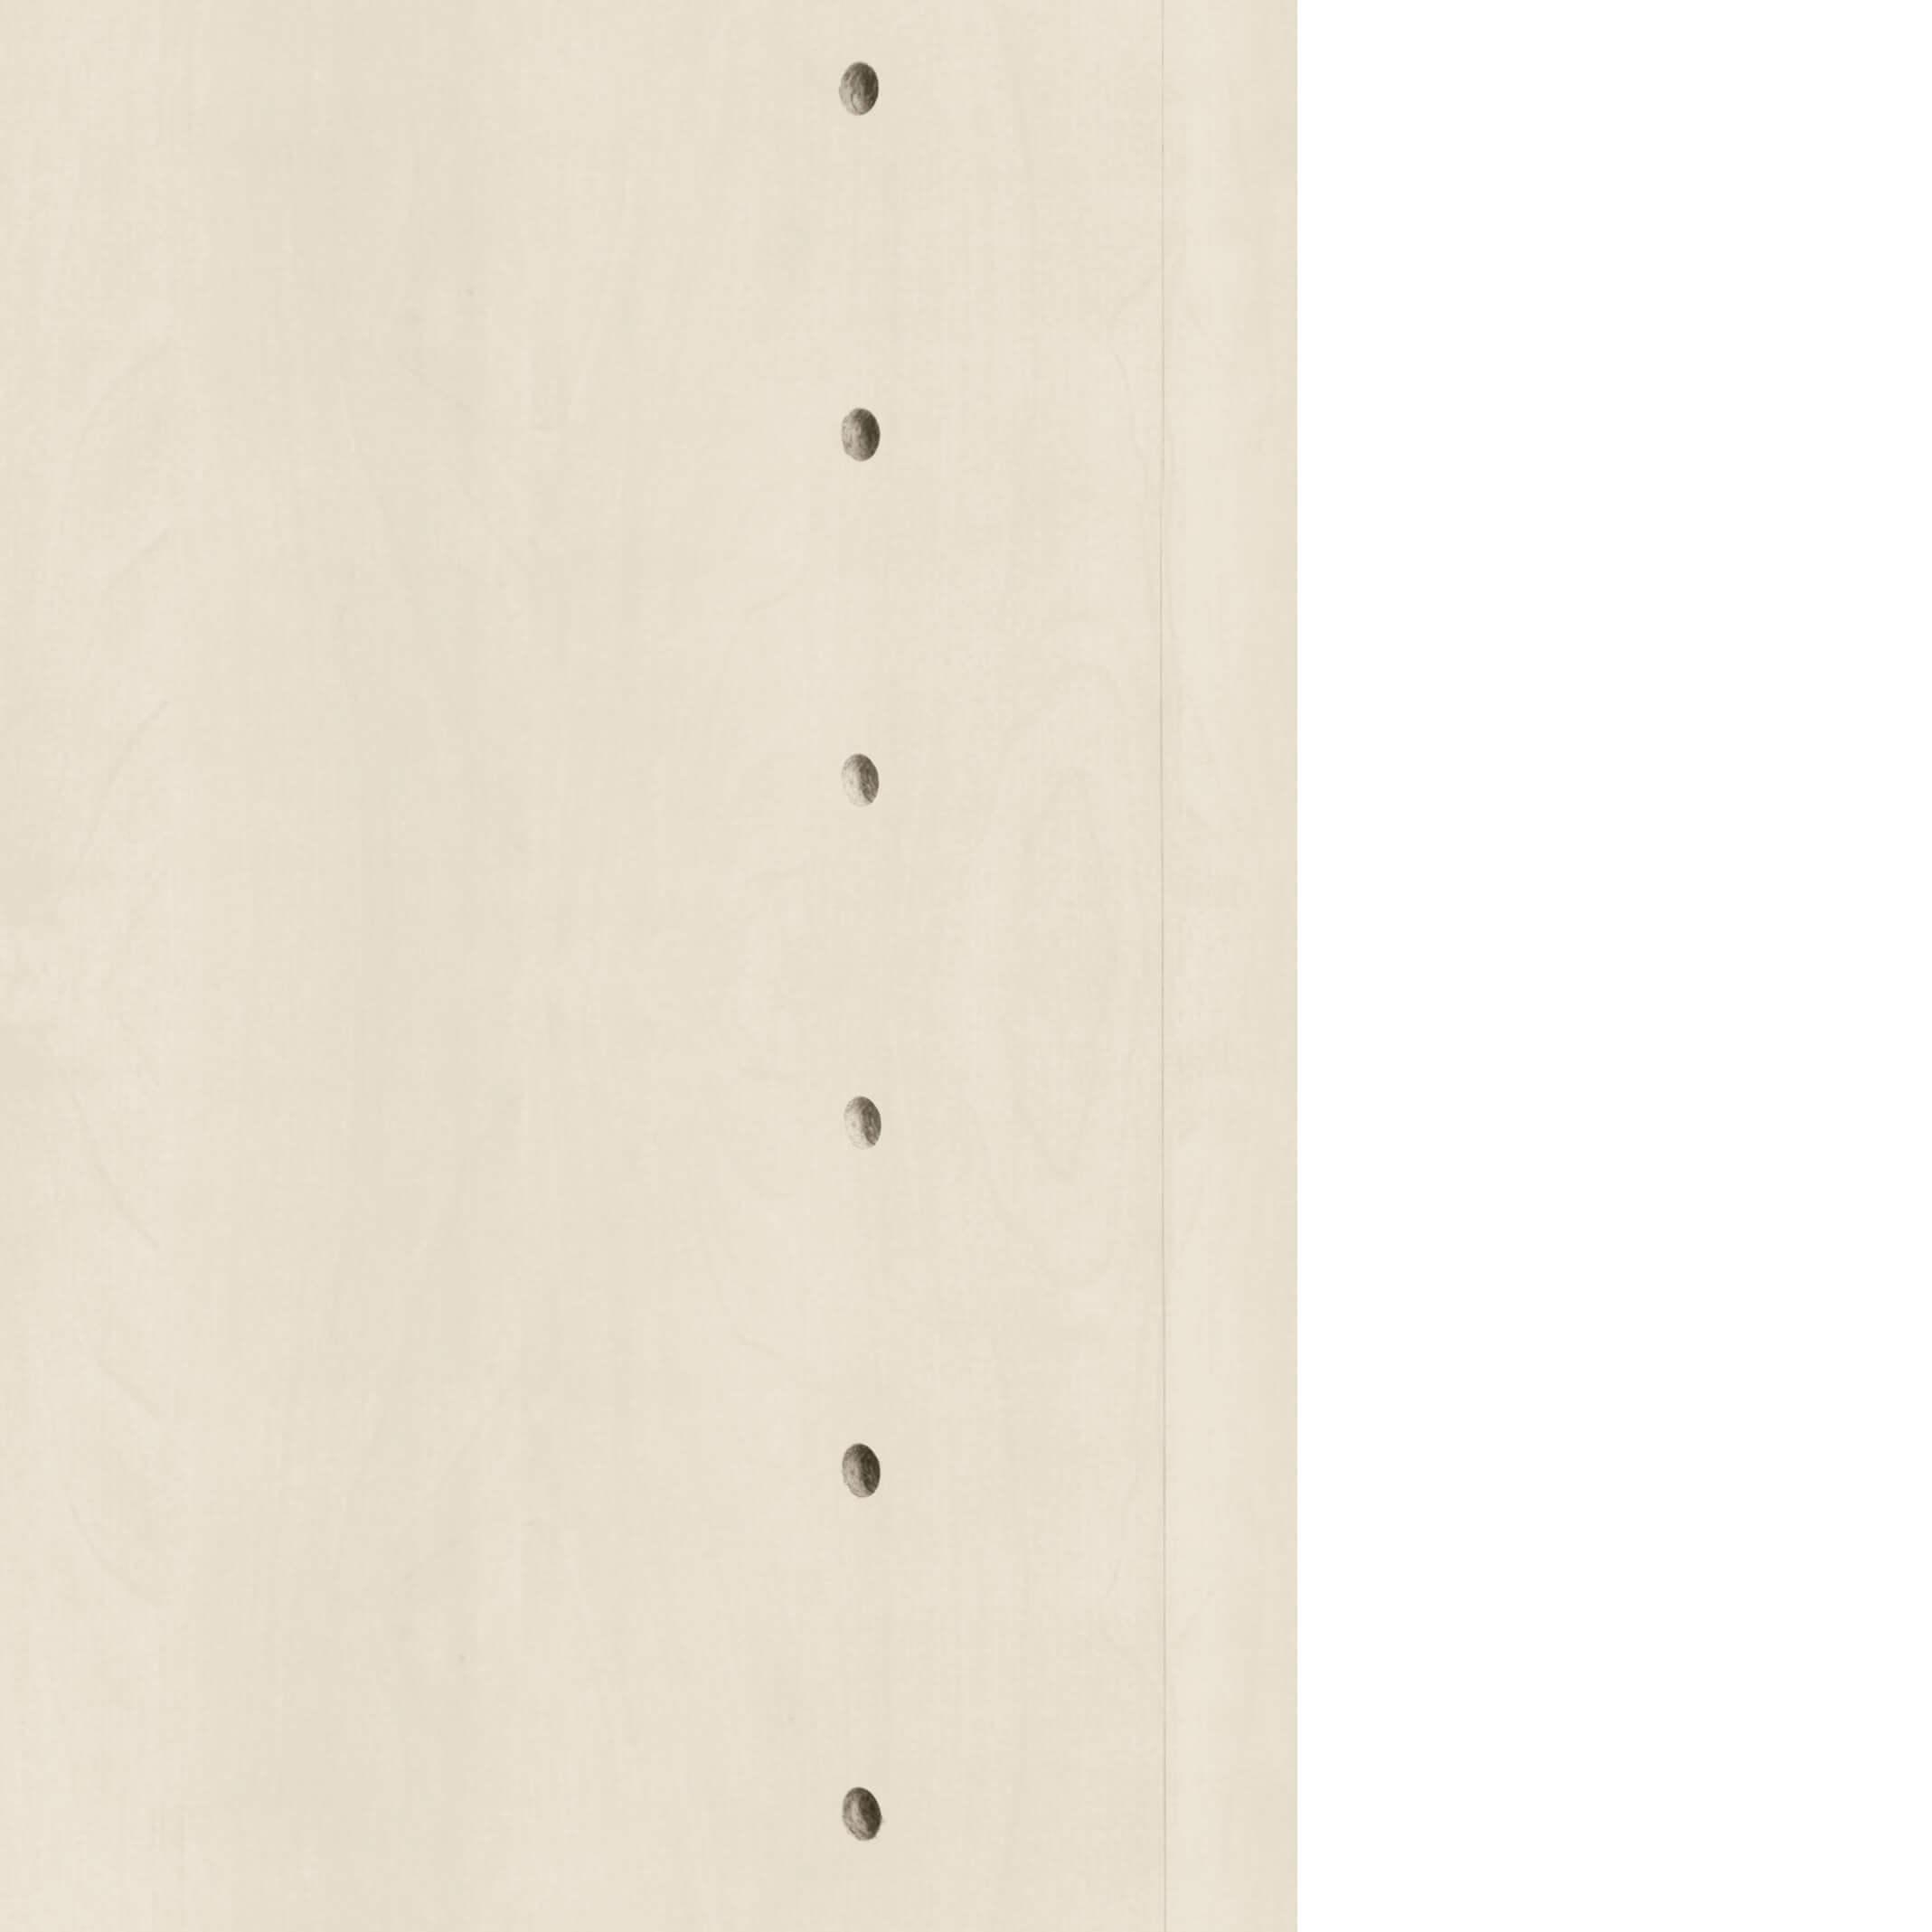 UNI Aktenschrank abschließbar 3OH 1,2M Ahorn Büroschrank Schiebetürenschrank